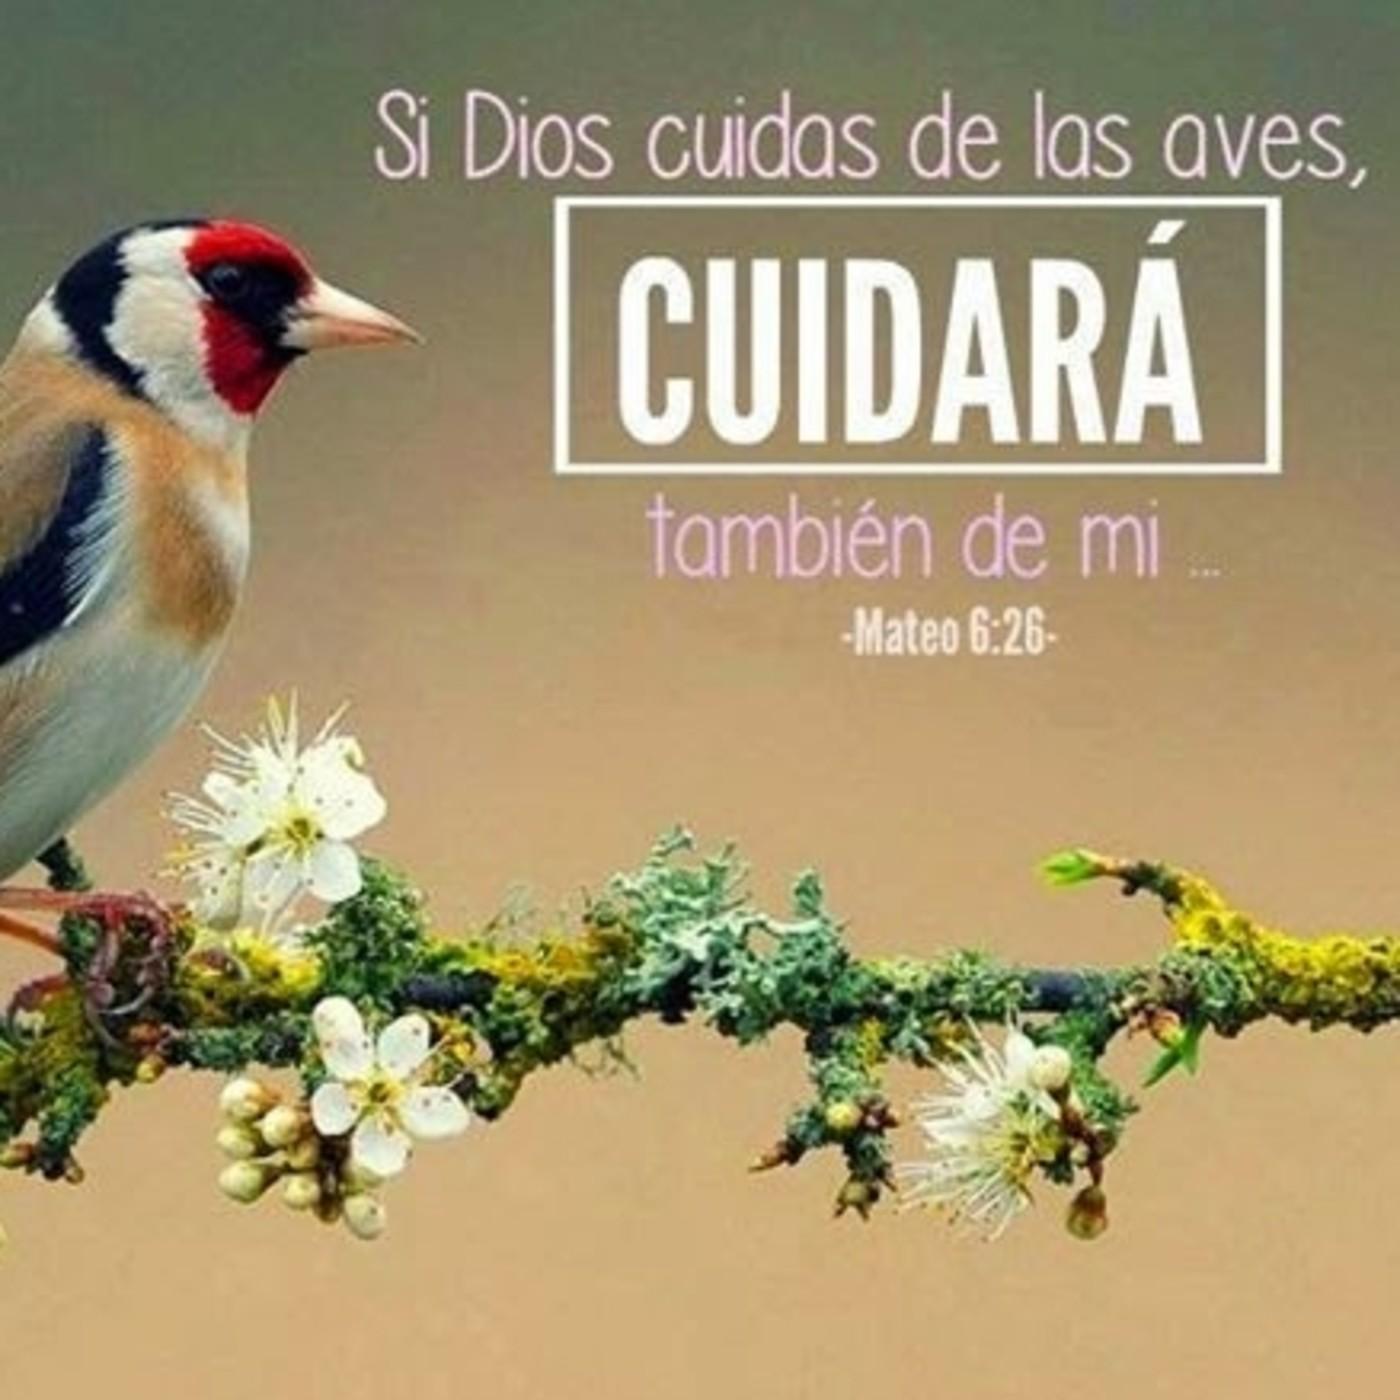 Si El Cuida De Las Aves En I M Radio On Line En Mp3 14 12 A Las 06